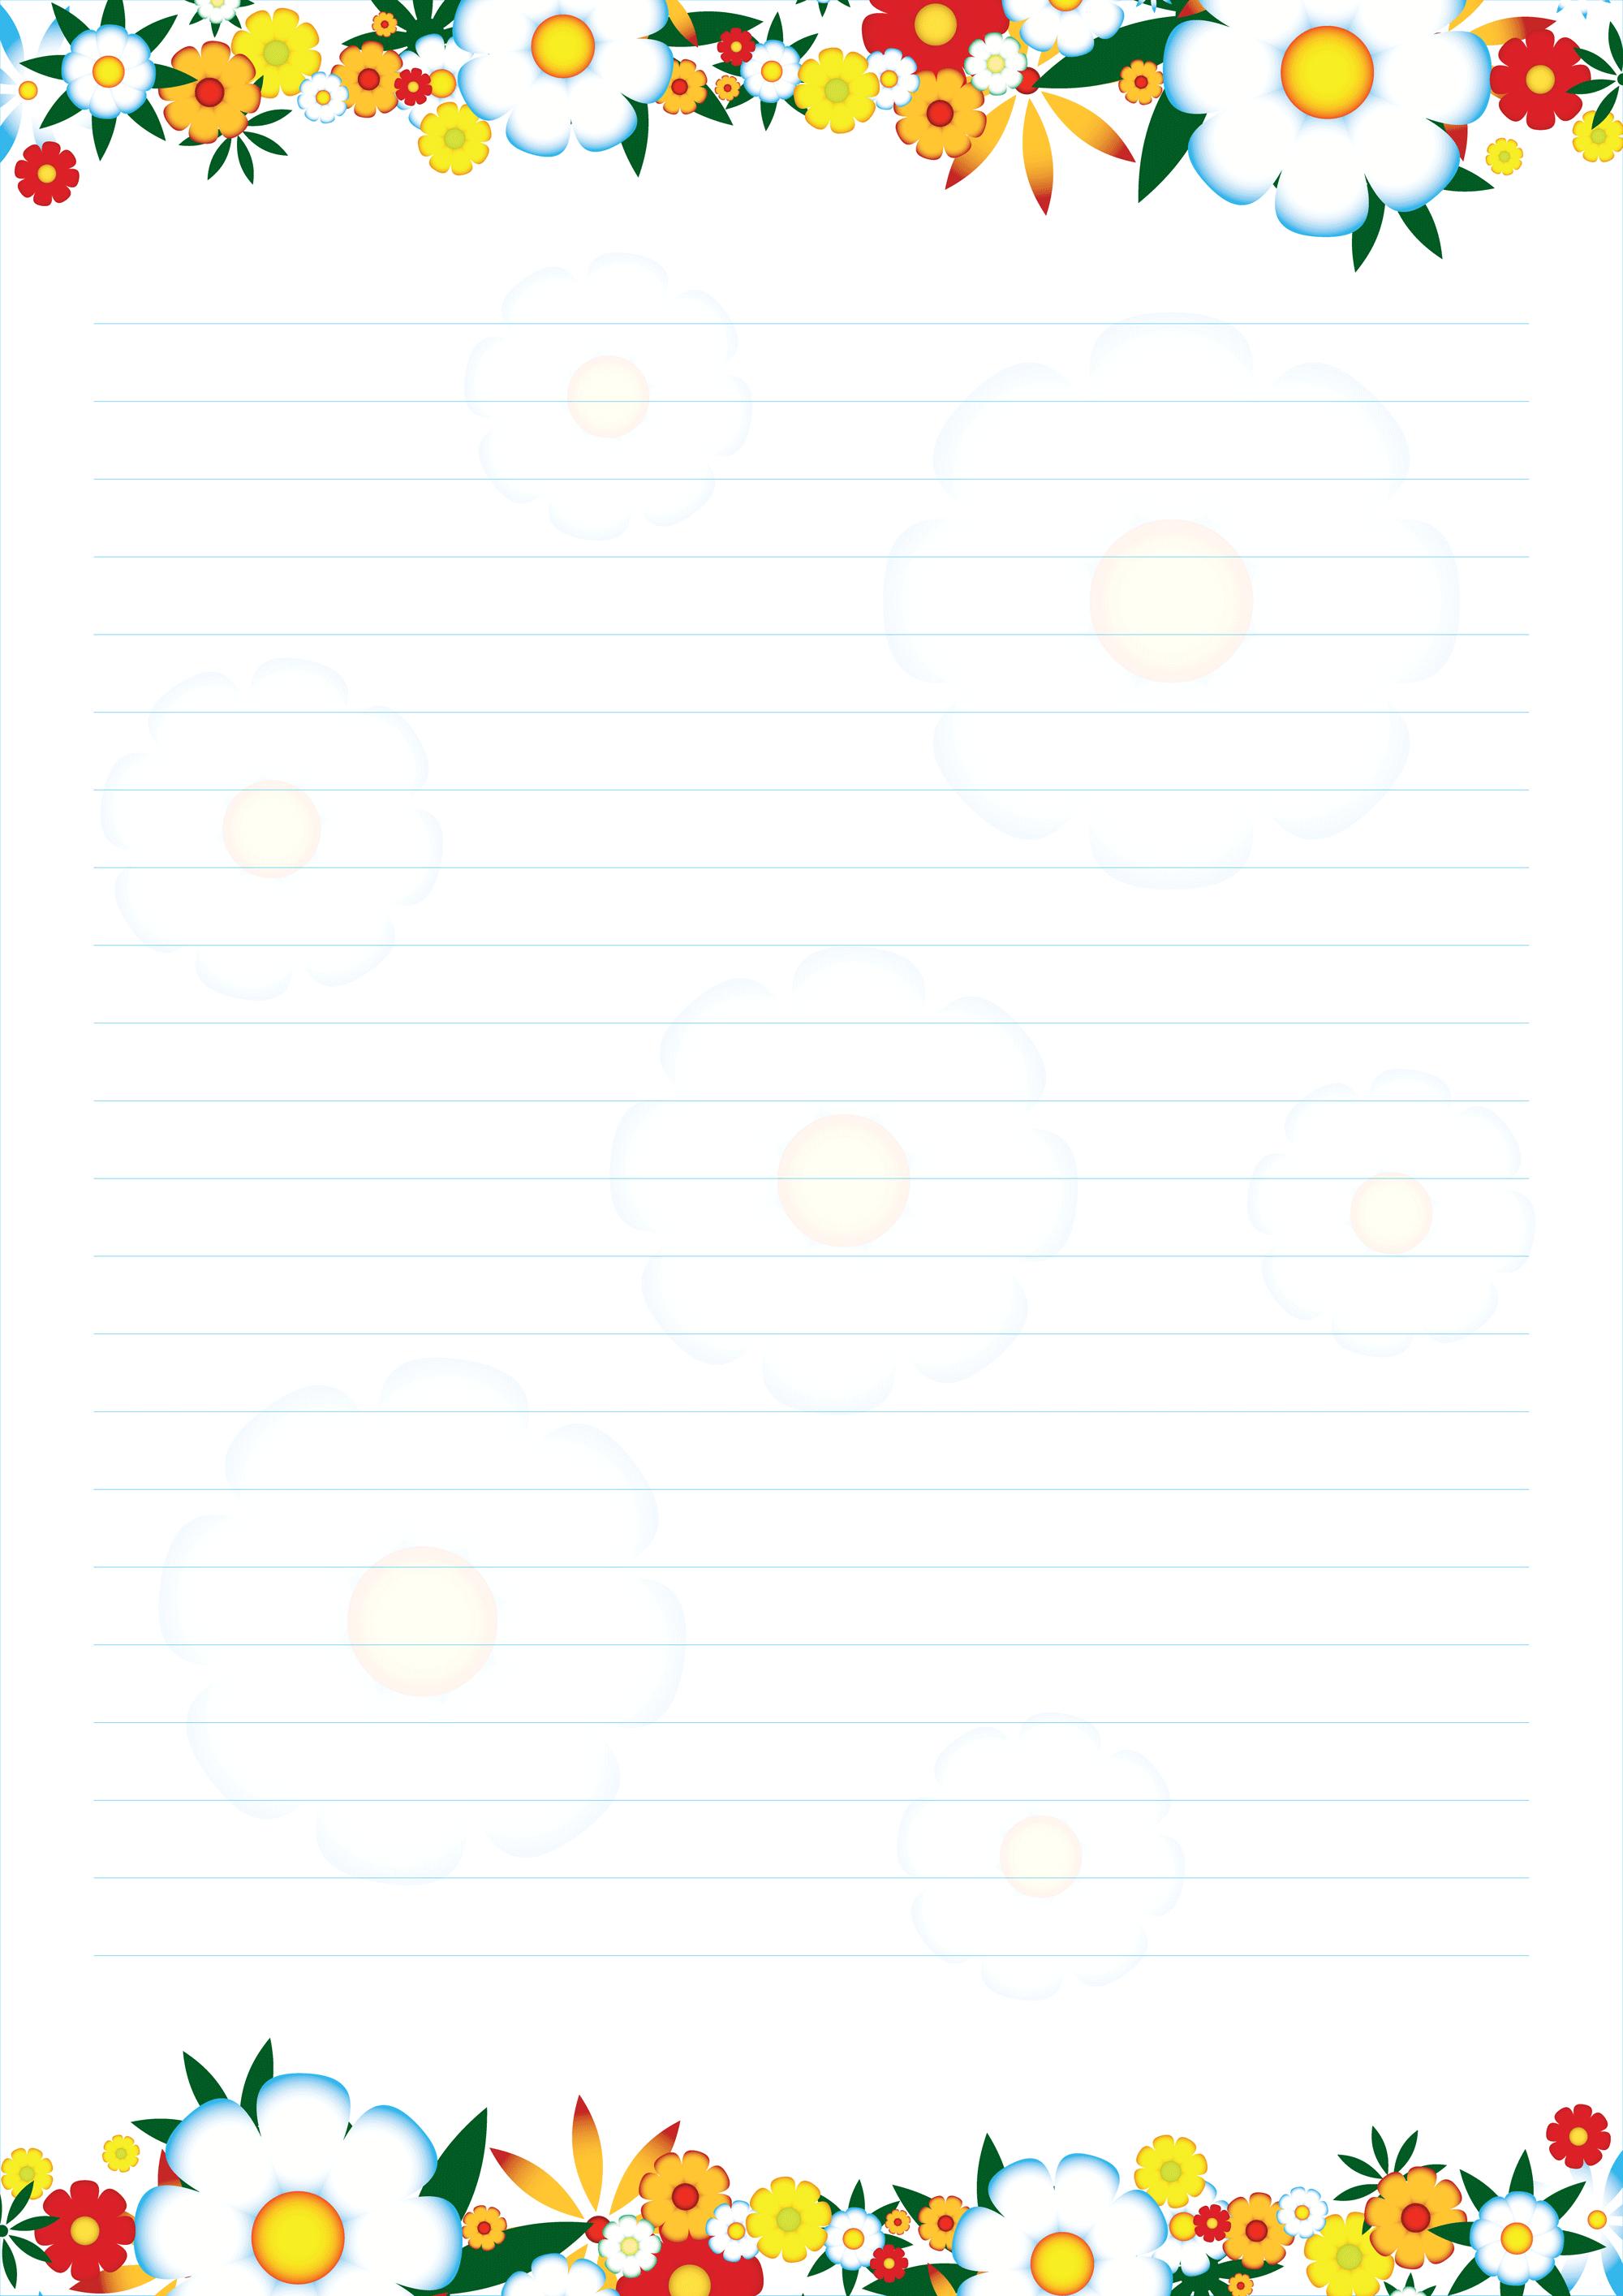 Фон а4 для открытки